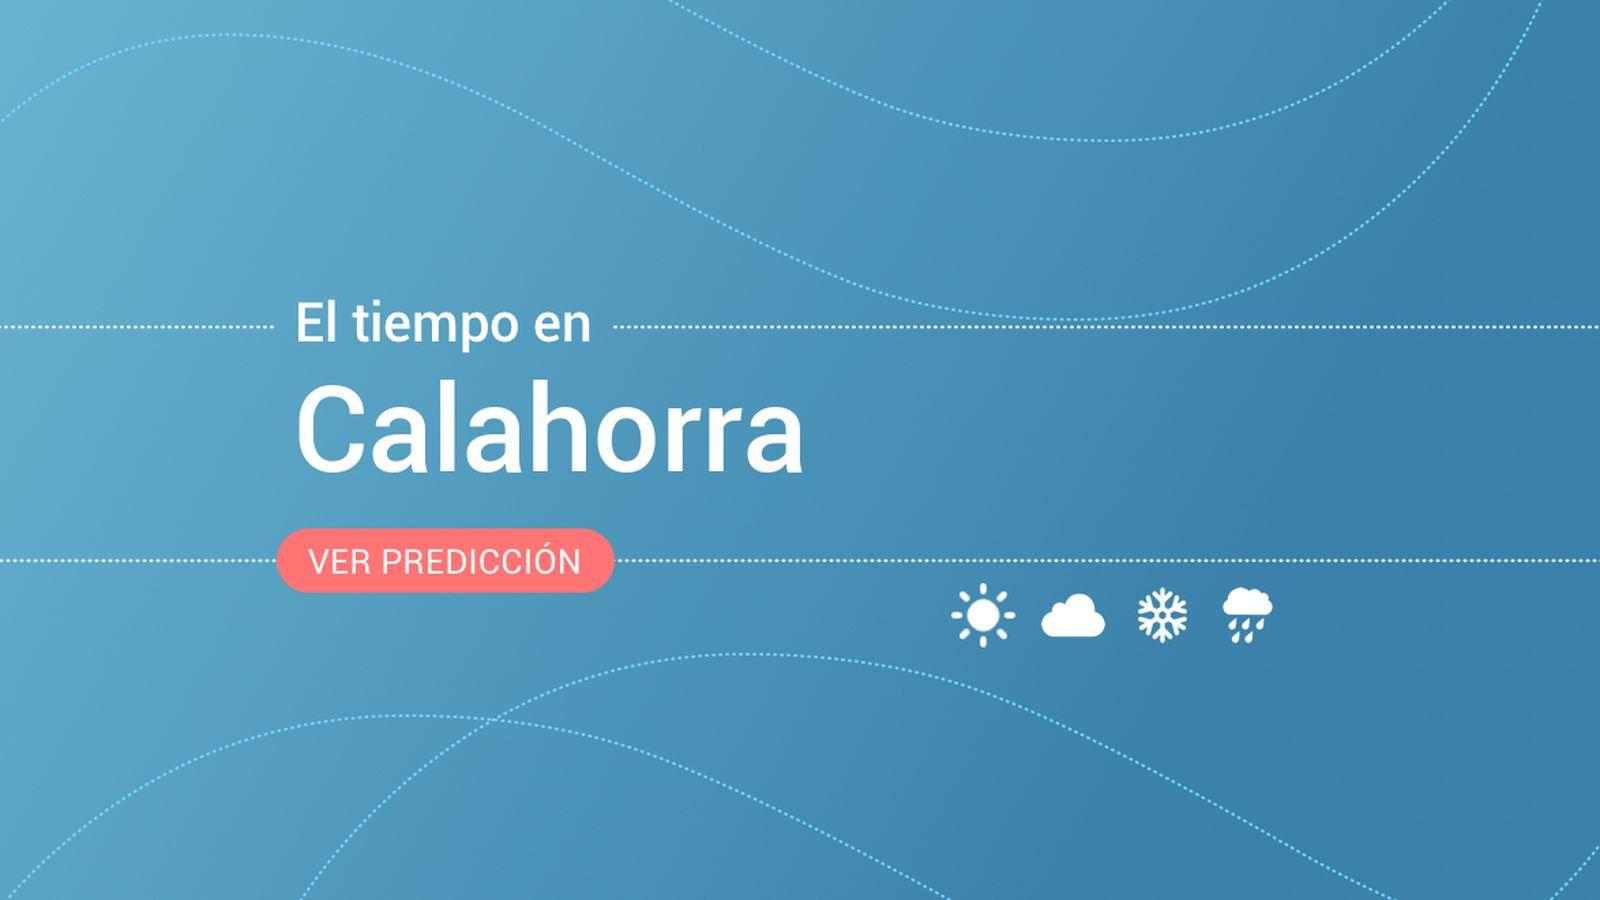 Foto: El tiempo en Calahorra. (EC)